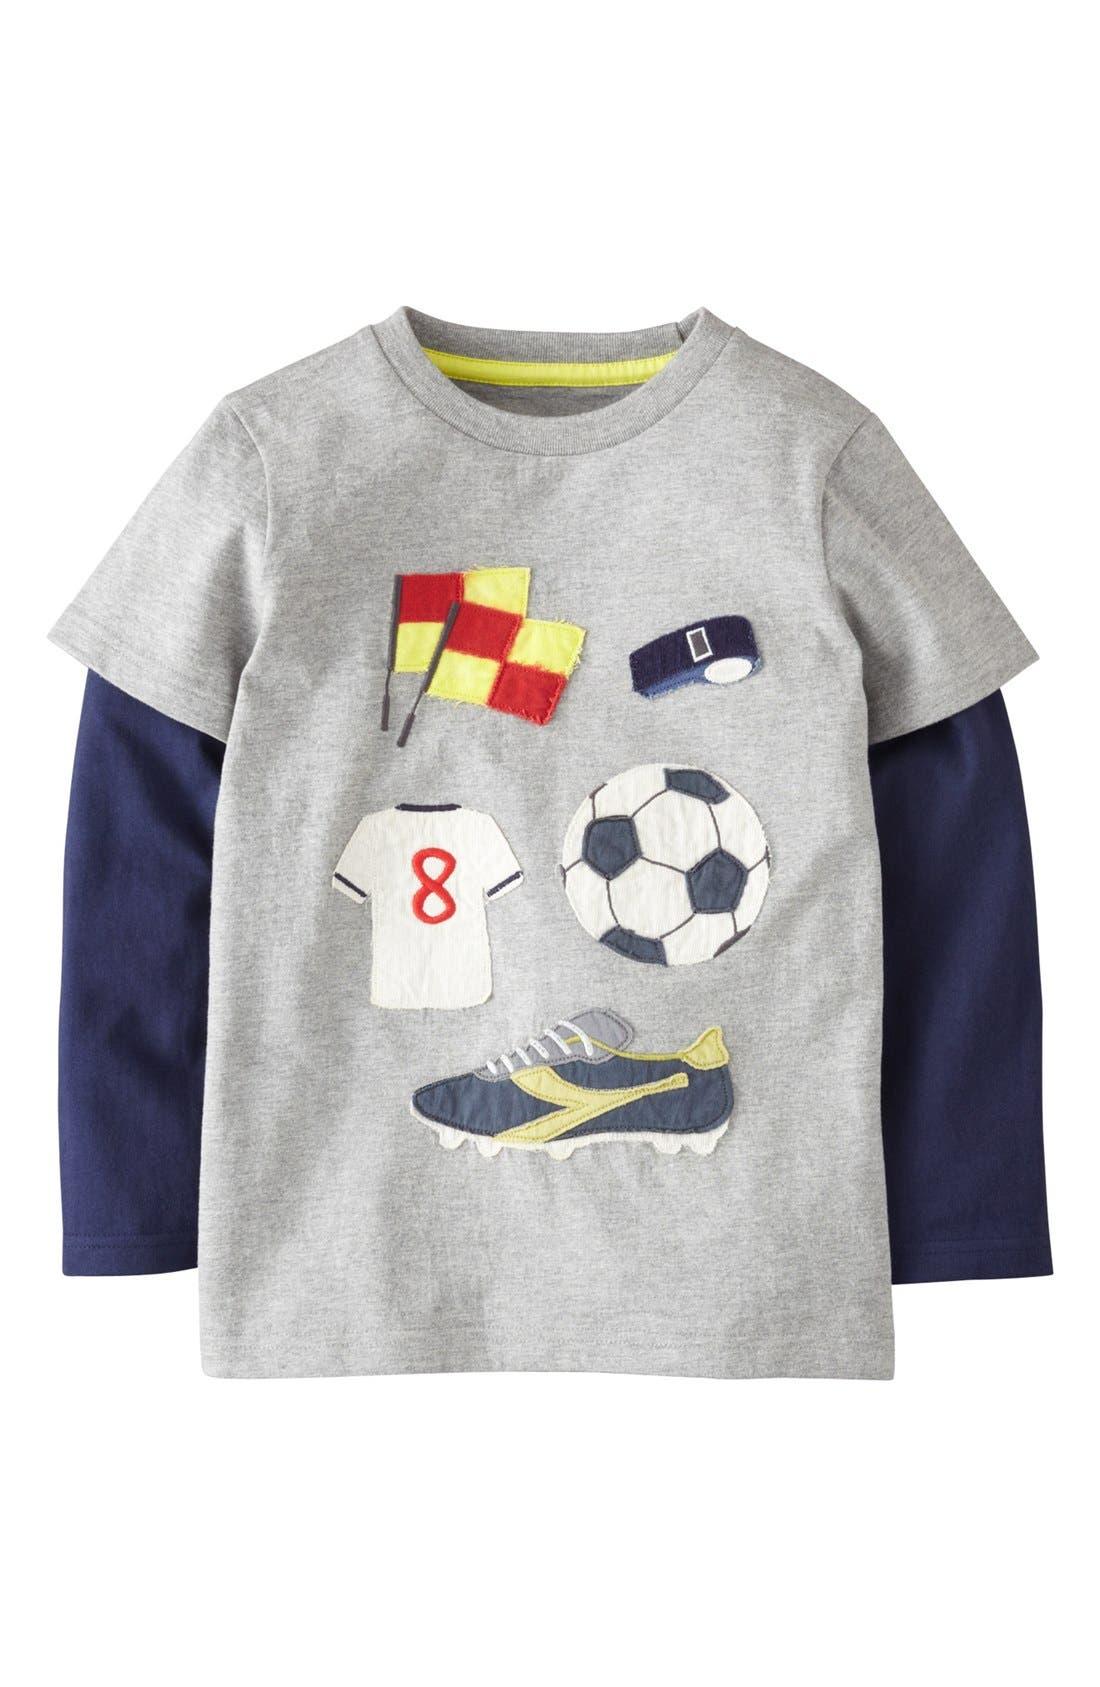 Alternate Image 1 Selected - Mini Boden 'Doing Stuff' Long Sleeve T-Shirt (Toddler Boys)